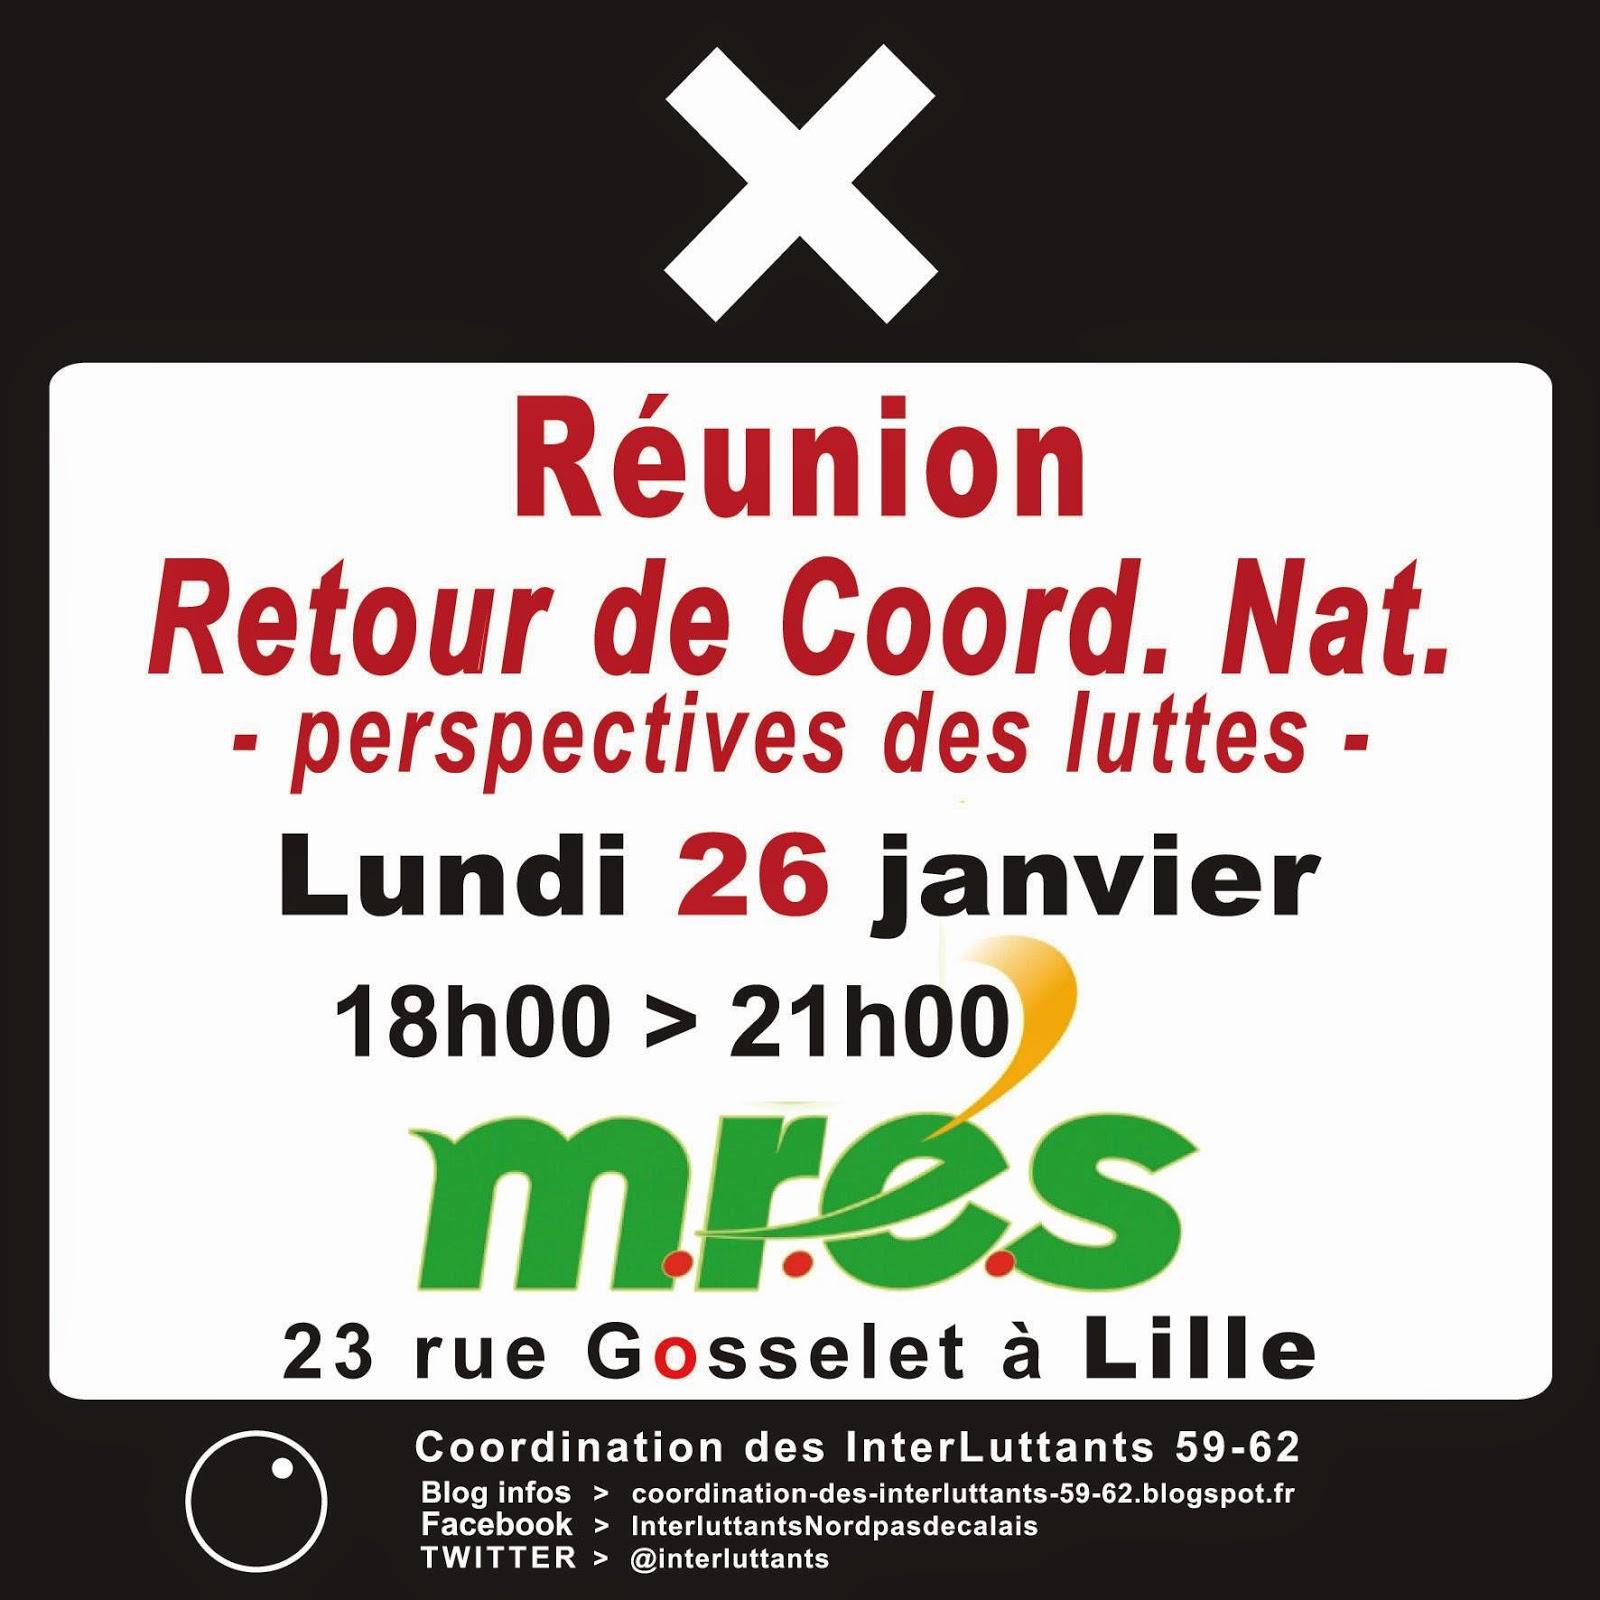 Réunion : Retour de Coord. Nat. - perspectives des luttes - Lundi 26 janvier, de 18h00 à 21h00 M.R.E.S (23 rue Gosselet - LILLE)